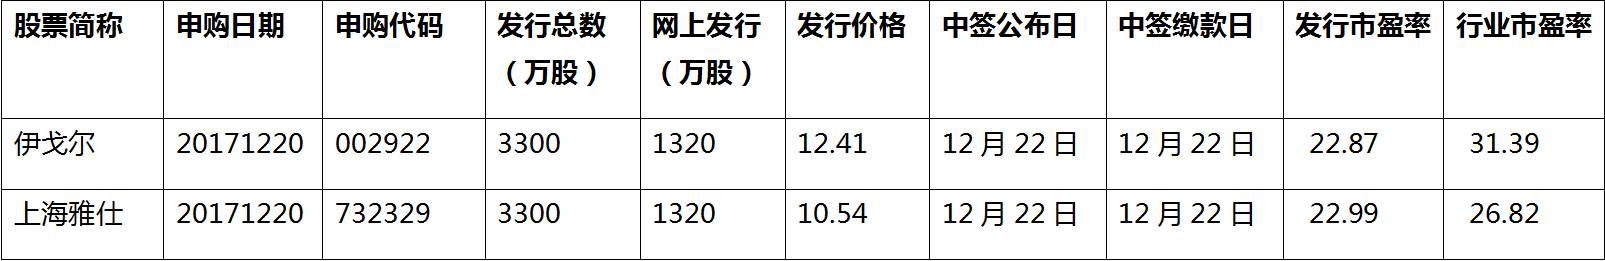 【新股在线】新股研究--上海雅仕-赚钱,可以很低调、很安静